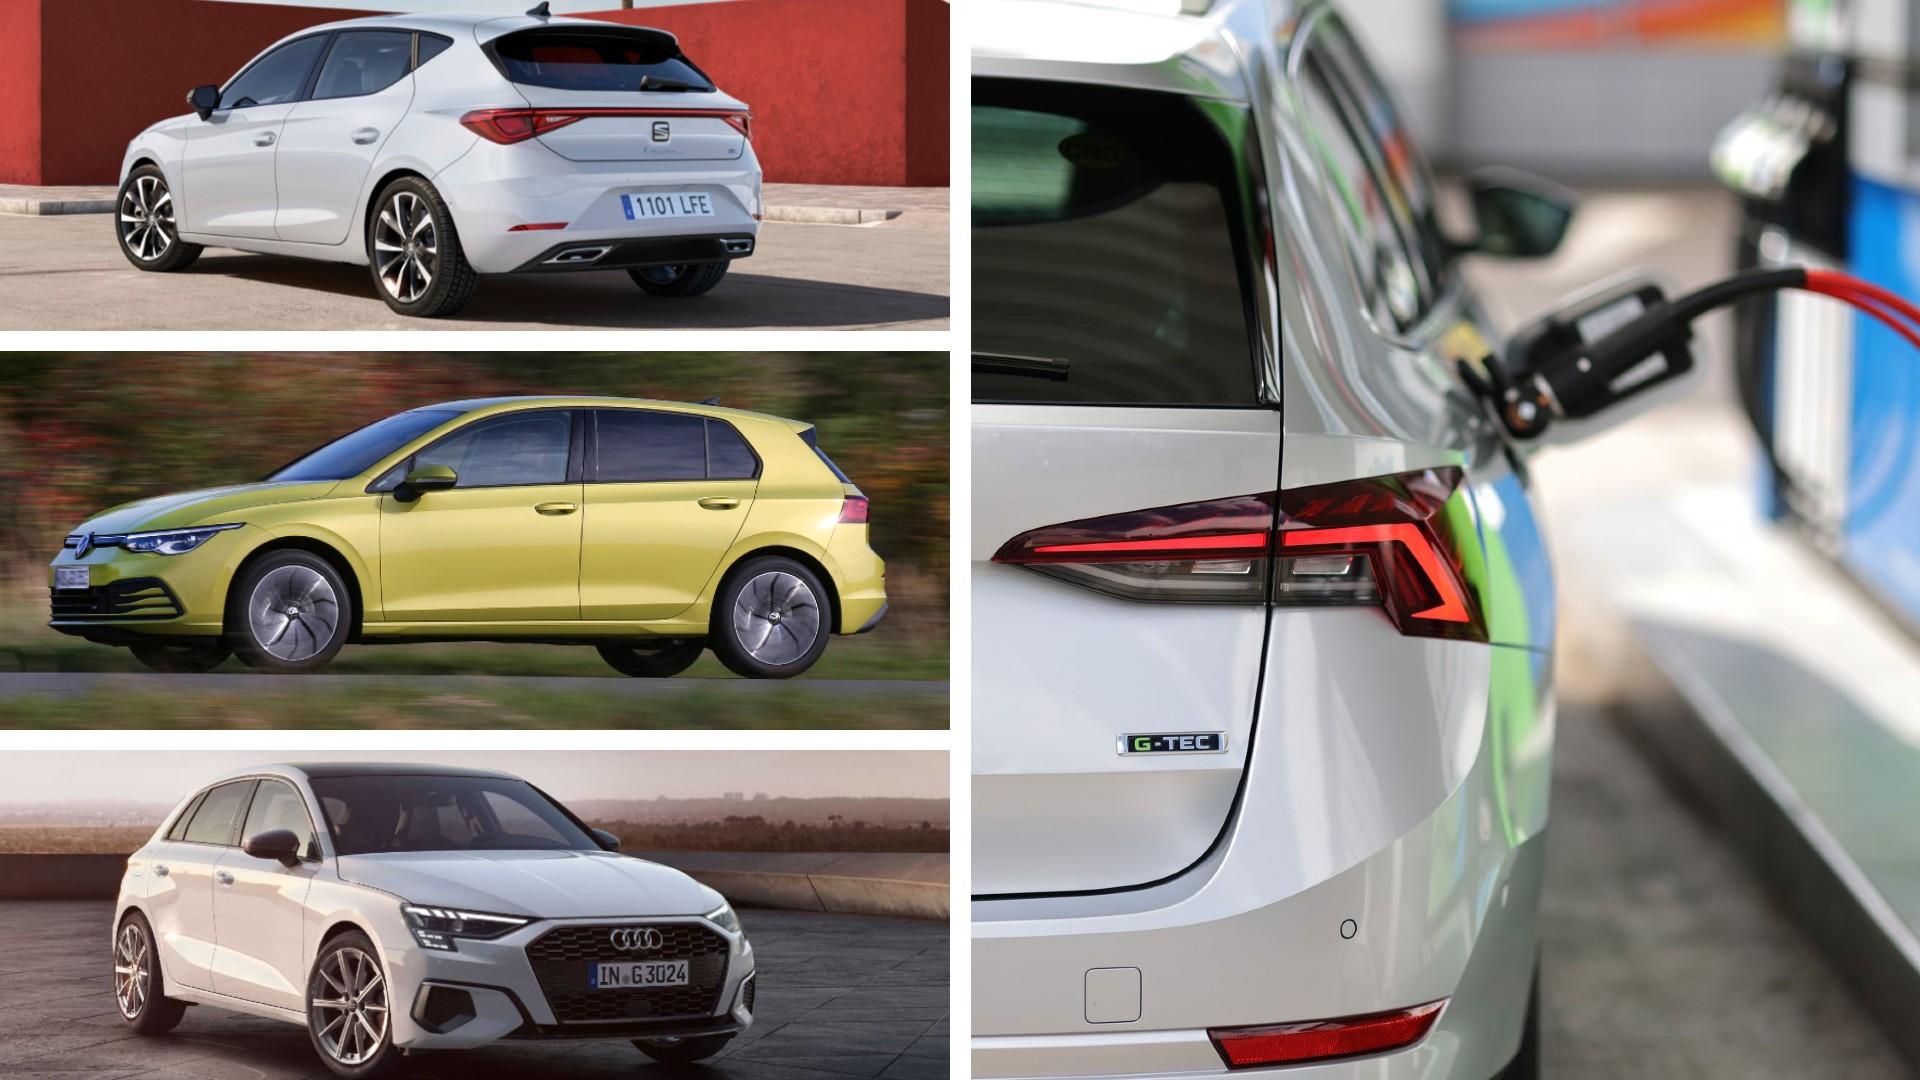 Φυσικό αέριο στο αυτοκίνητο: Συμφέρει και ποια μοντέλα υπάρχουν στην ελληνική αγορά; (pics)